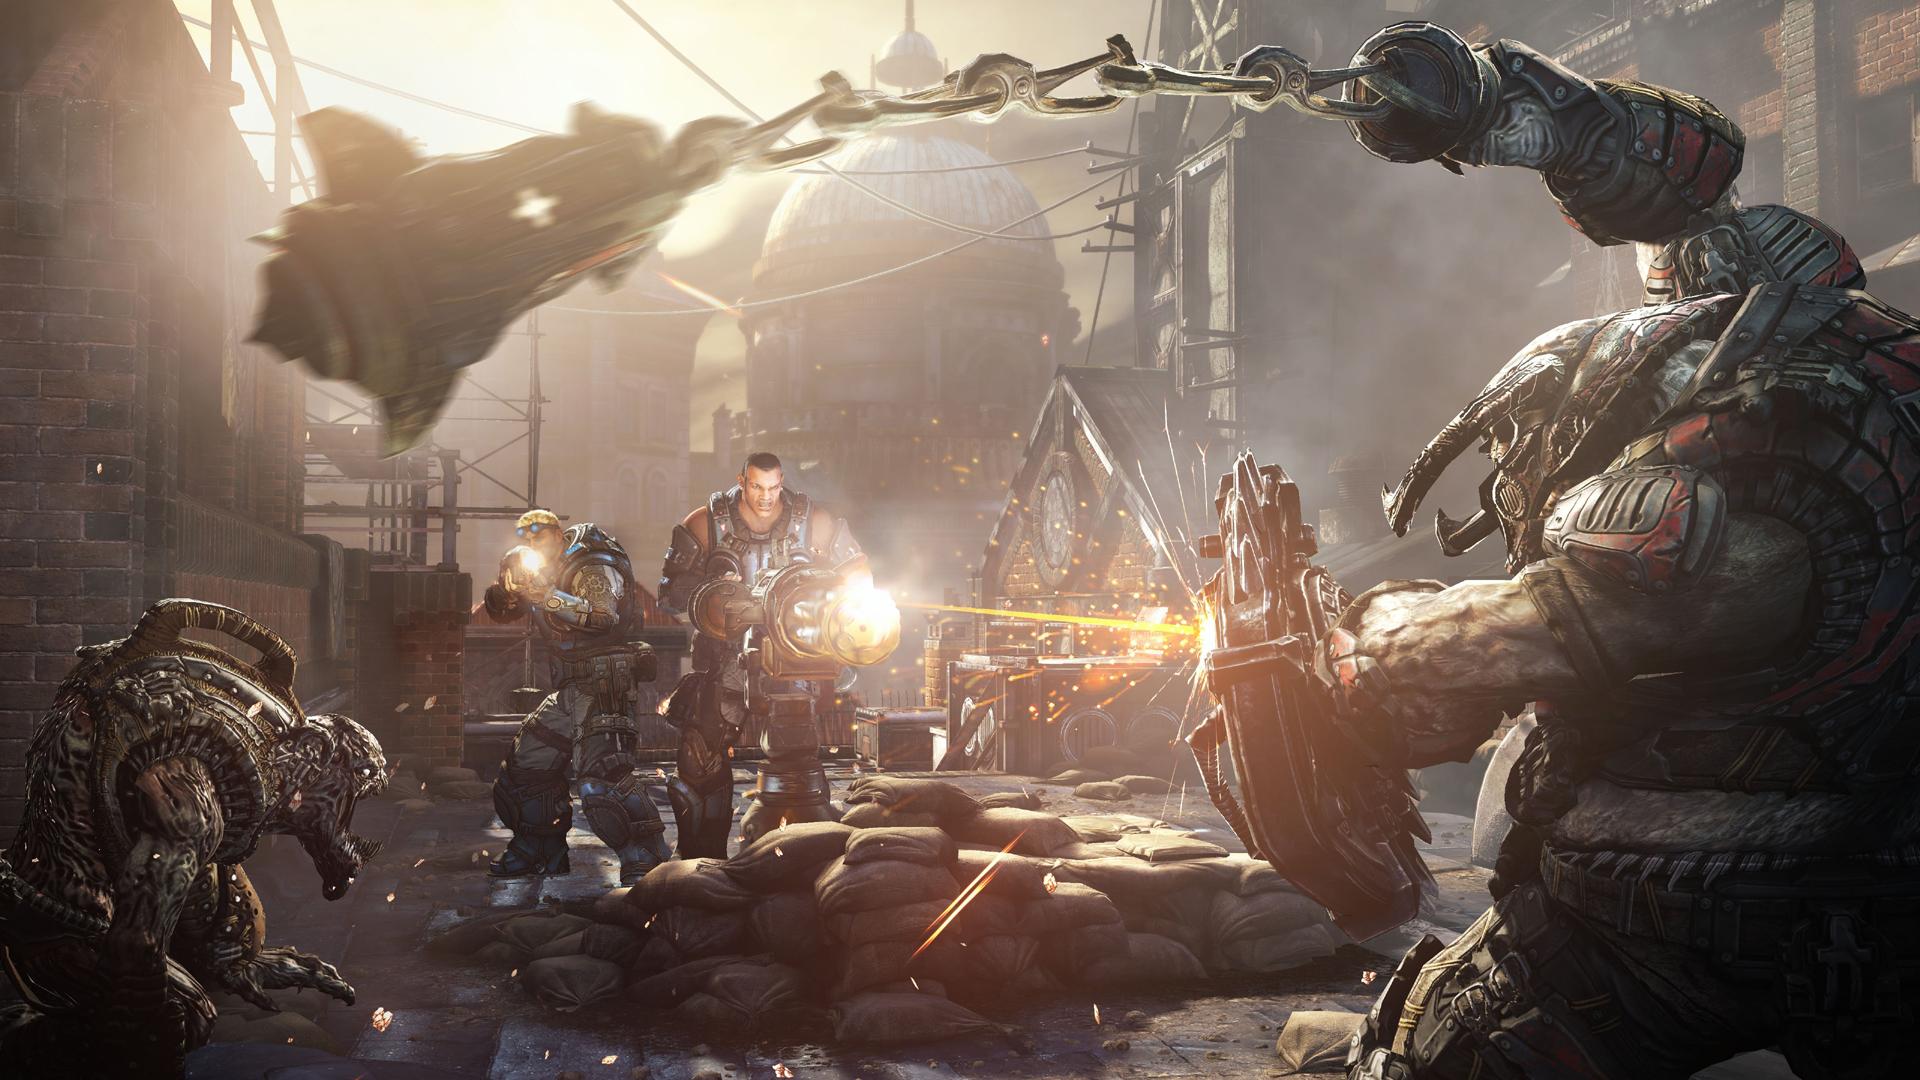 Epic Gamesが誇るUnreal Engine 3のポテンシャルを活かしたグラフィックスでゲームが楽しめる